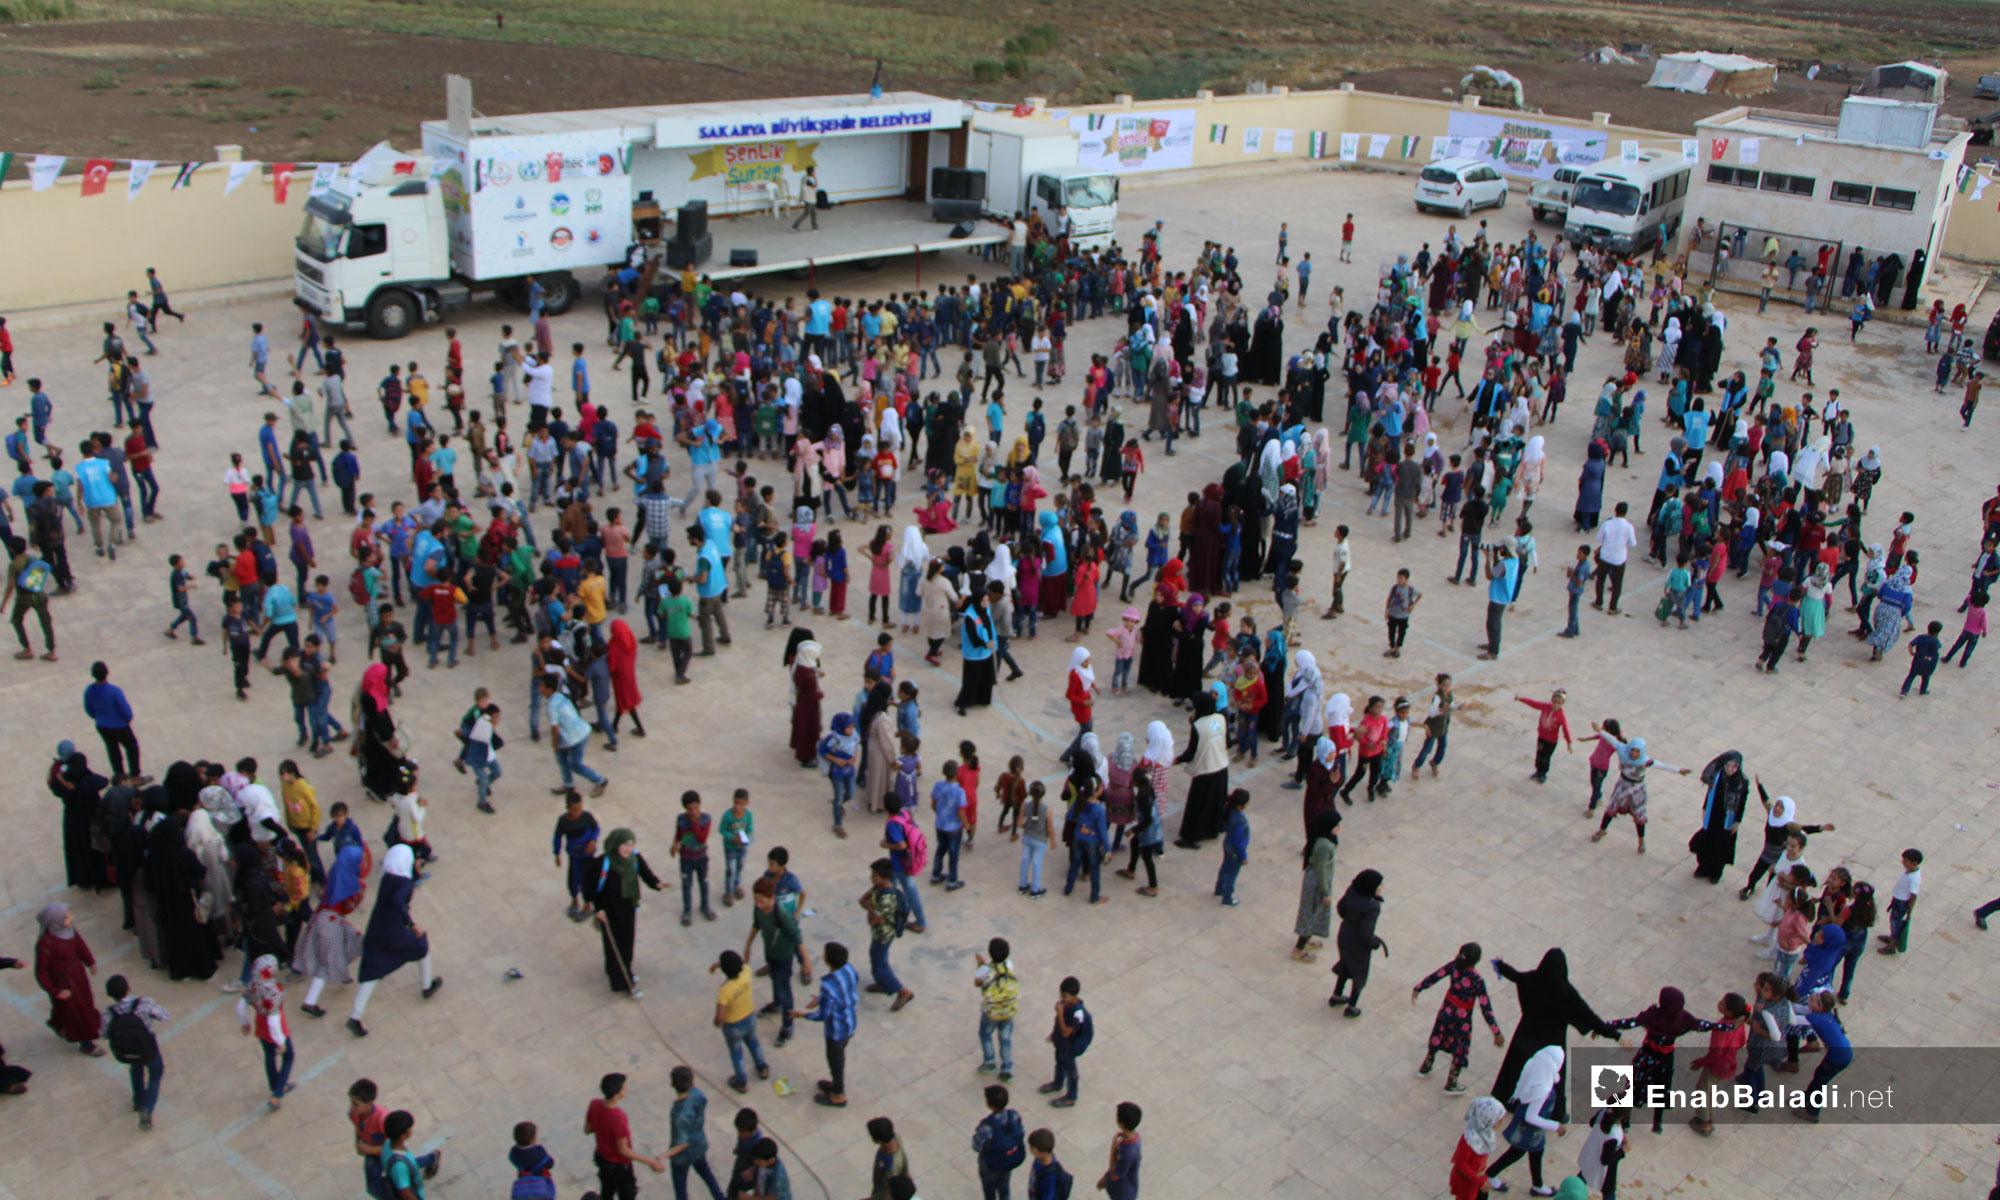 كرنفال للطلاب في أول أيام العام الدراسي الجديد في بلدة دابق بريف حلب الشمالي - 20 من أيلول 2018 (عنب بلدي)